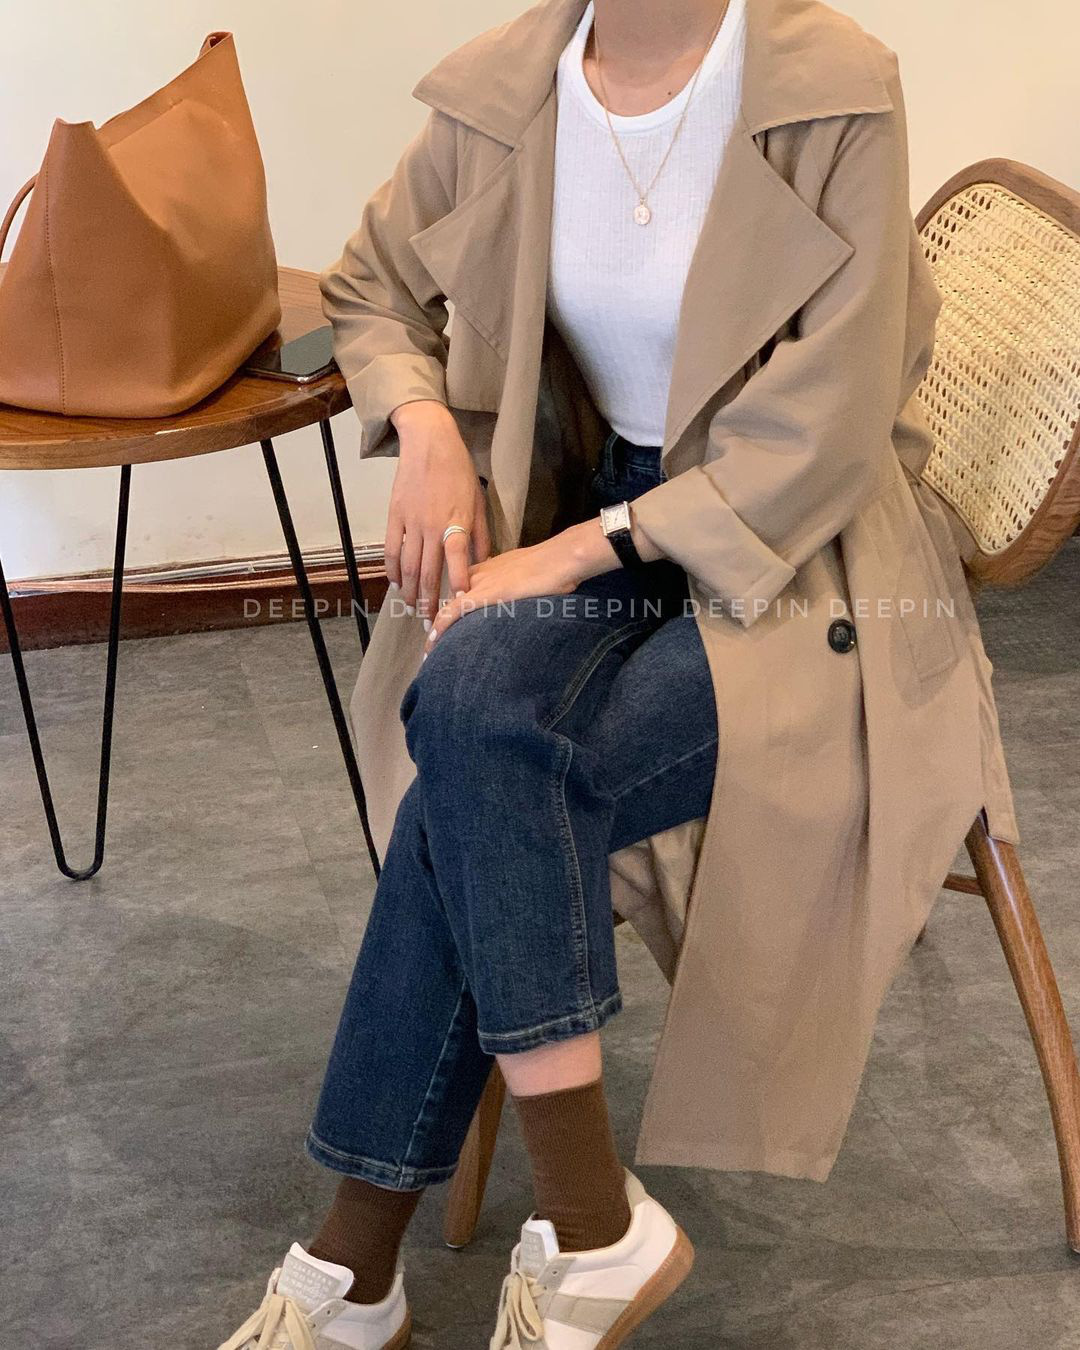 Sắm trench coat lúc này là đúng đắn nhất, lên đồ đơn giản cỡ nào cũng sang chảnh hay ho như gái Hàn - Ảnh 4.